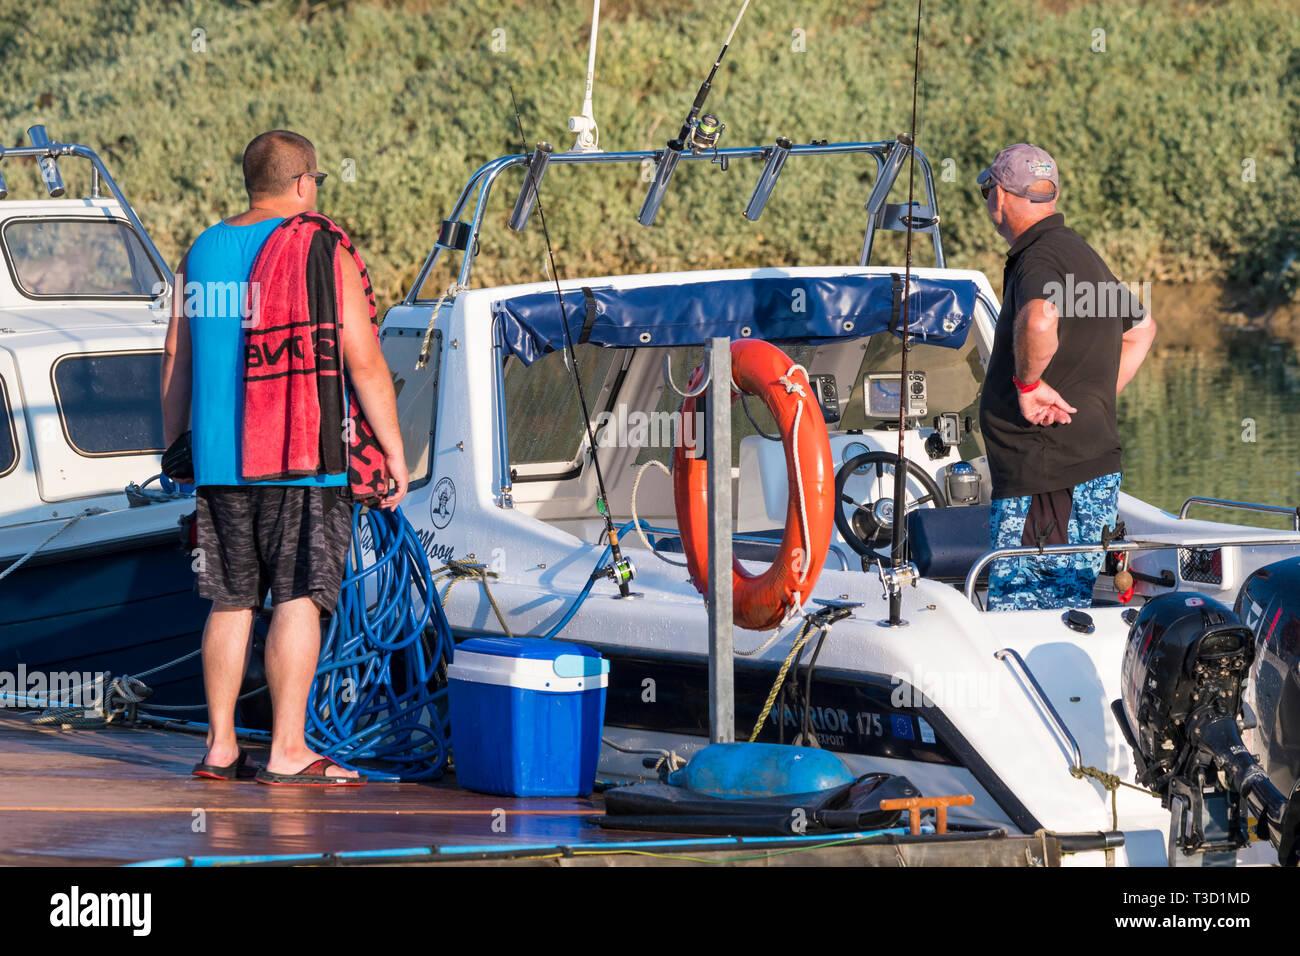 2 hombres de mediana edad charlando de pie en un barco, sugiriendo que tenían intereses similares. Canotaje en el estilo de vida. Imagen De Stock